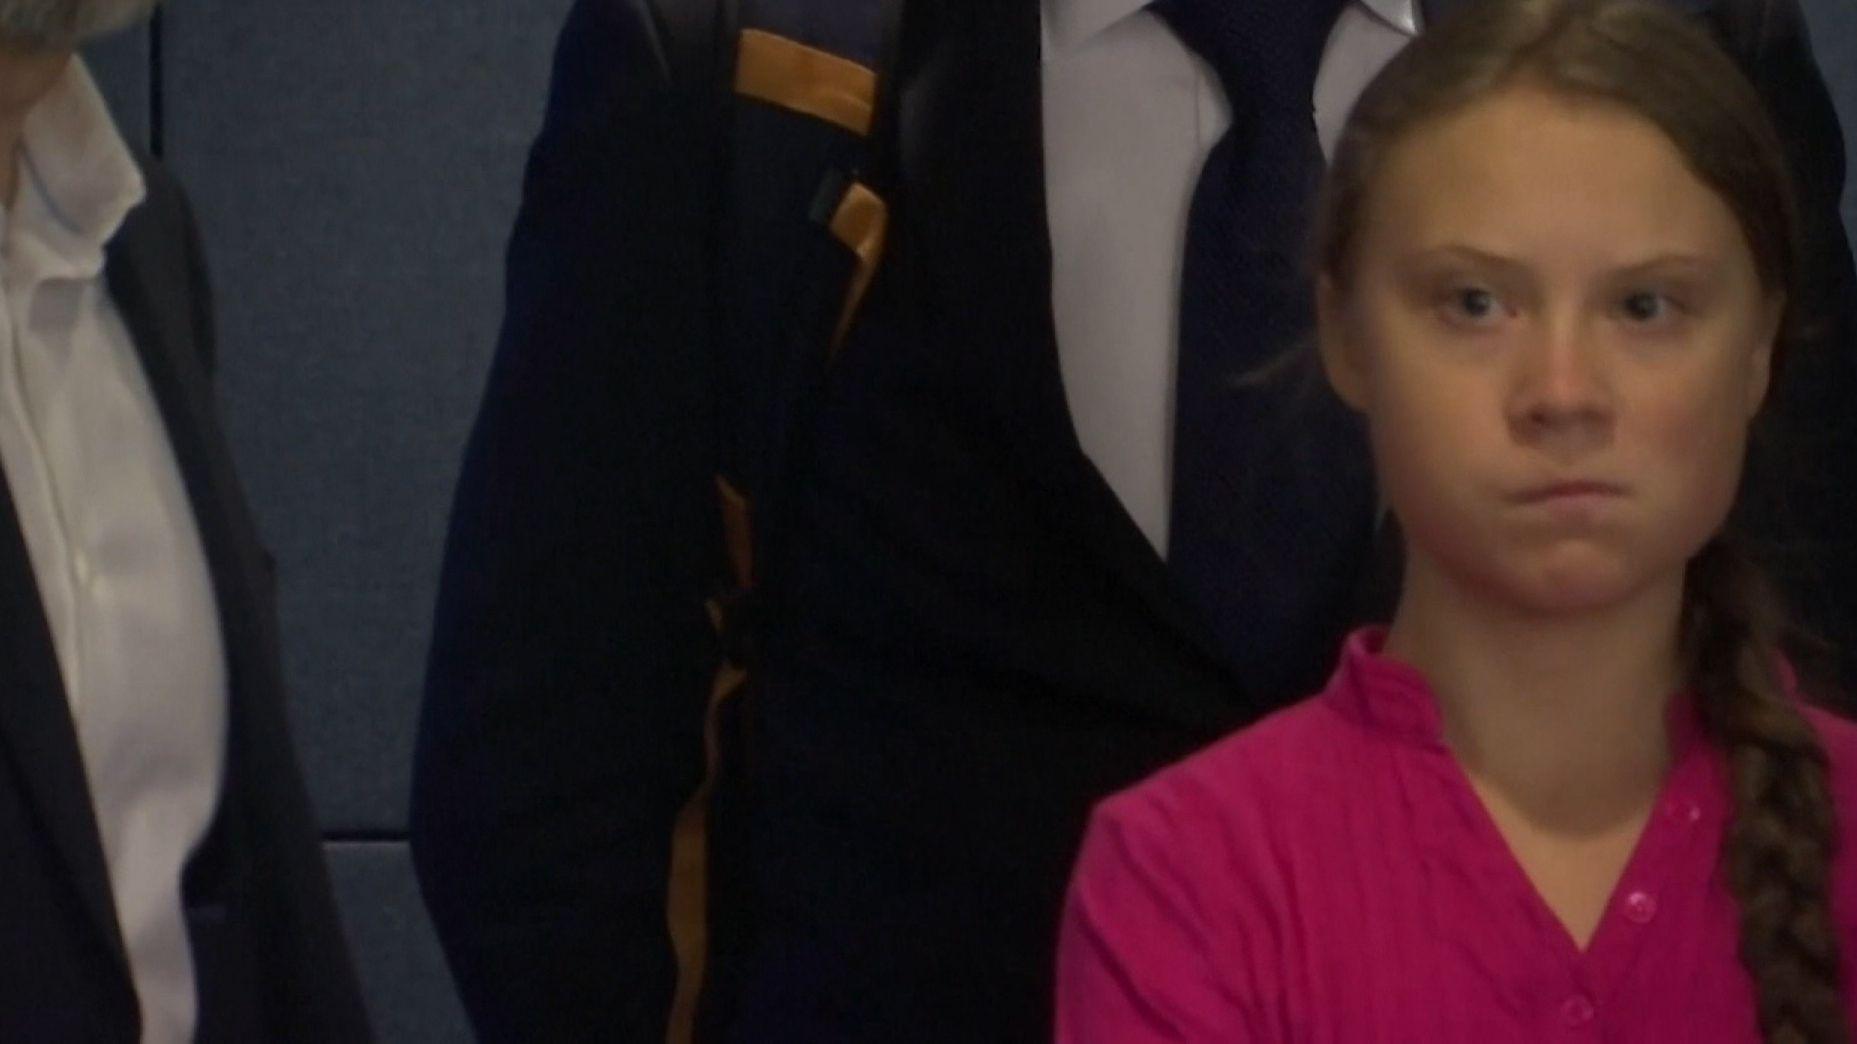 Ein kurzer ungeplanter gemeinsamer Moment von Klimaaktivistin Greta Thunberg und US-Präsident Trump auf dem UN-Klimatgipfel in New York sorgt im Netz für Furore. Als Trump Thunberg auf einem Gang passiert, kassiert er bitterböse Blicke...